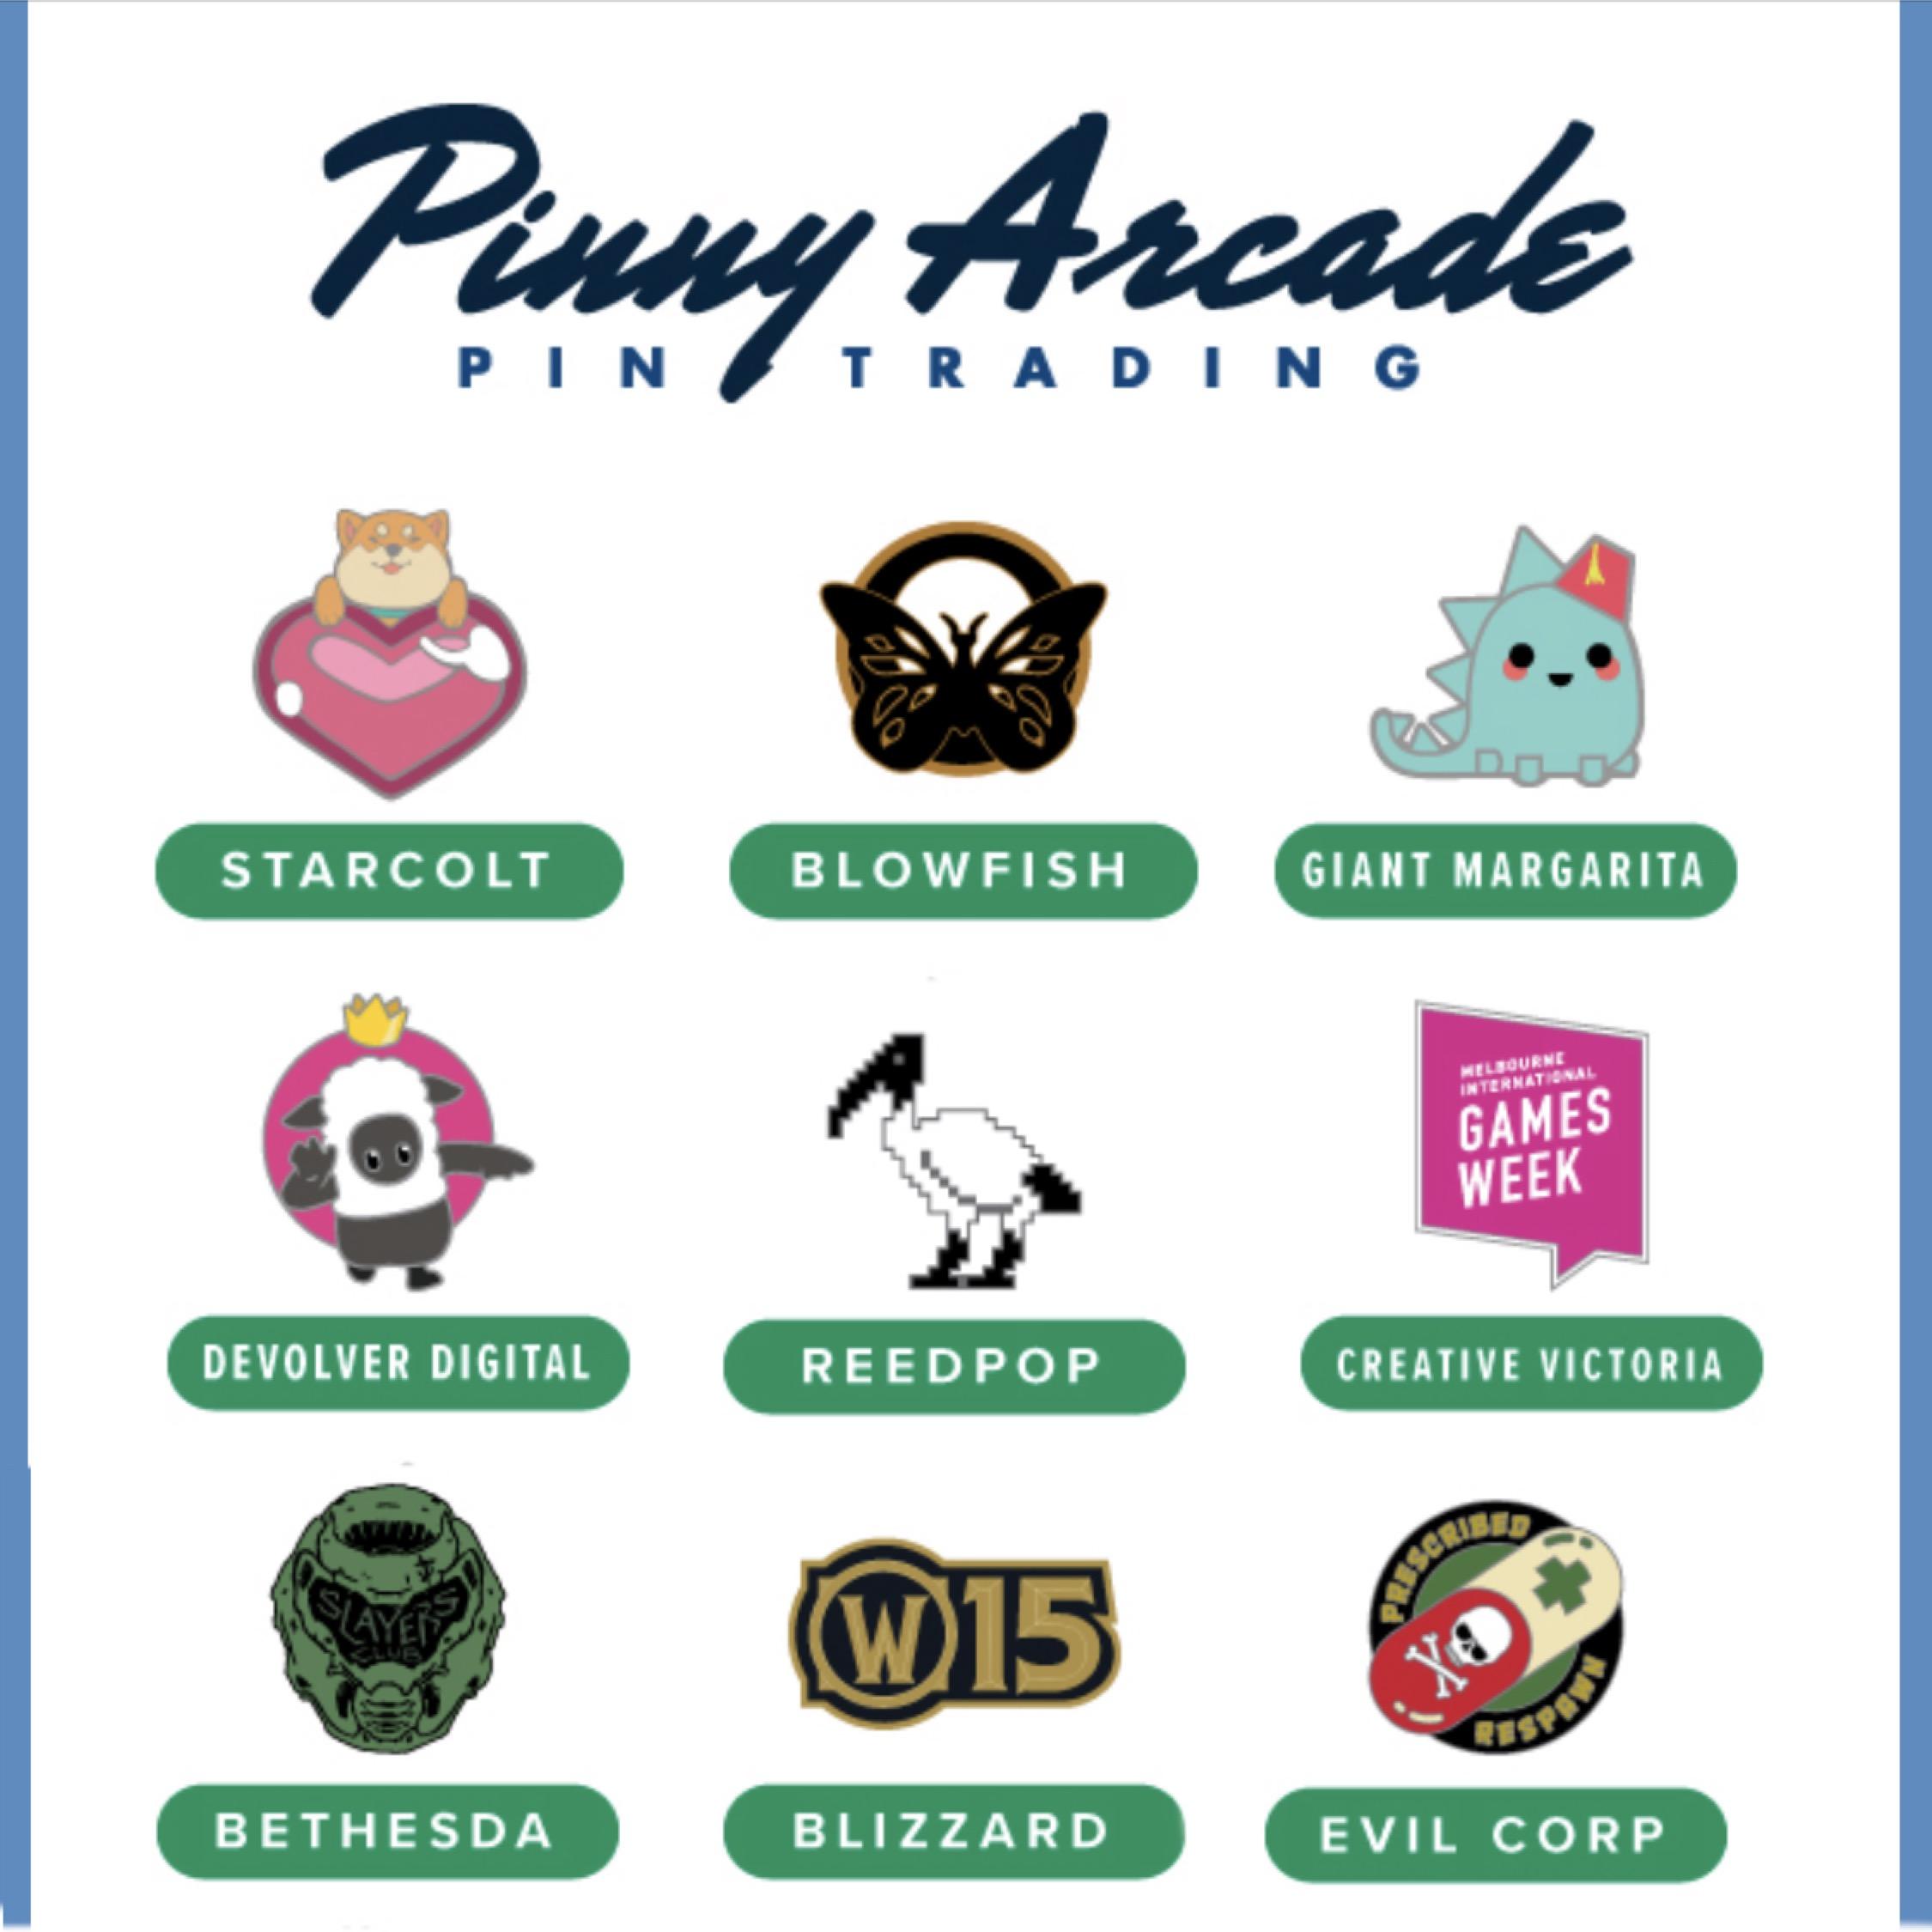 Pinny Arcade Free Pins